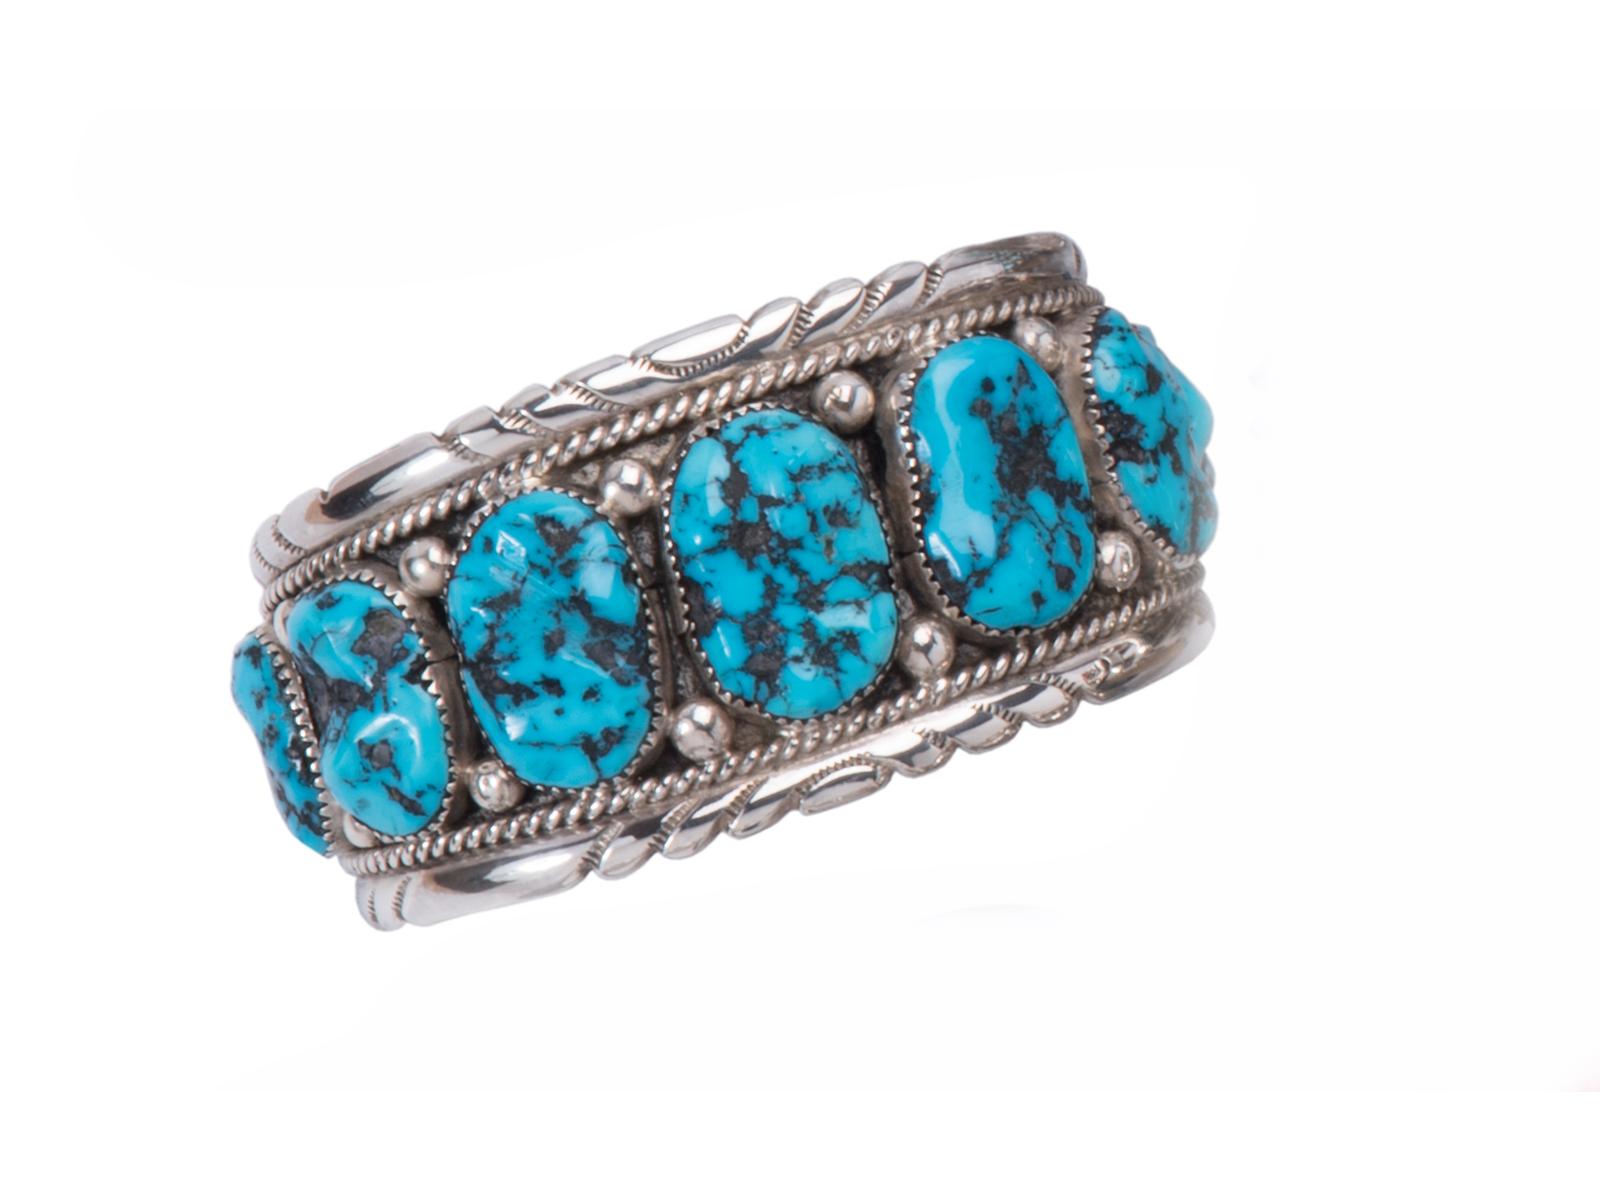 11 Stone Kingman Turquoise Cuff